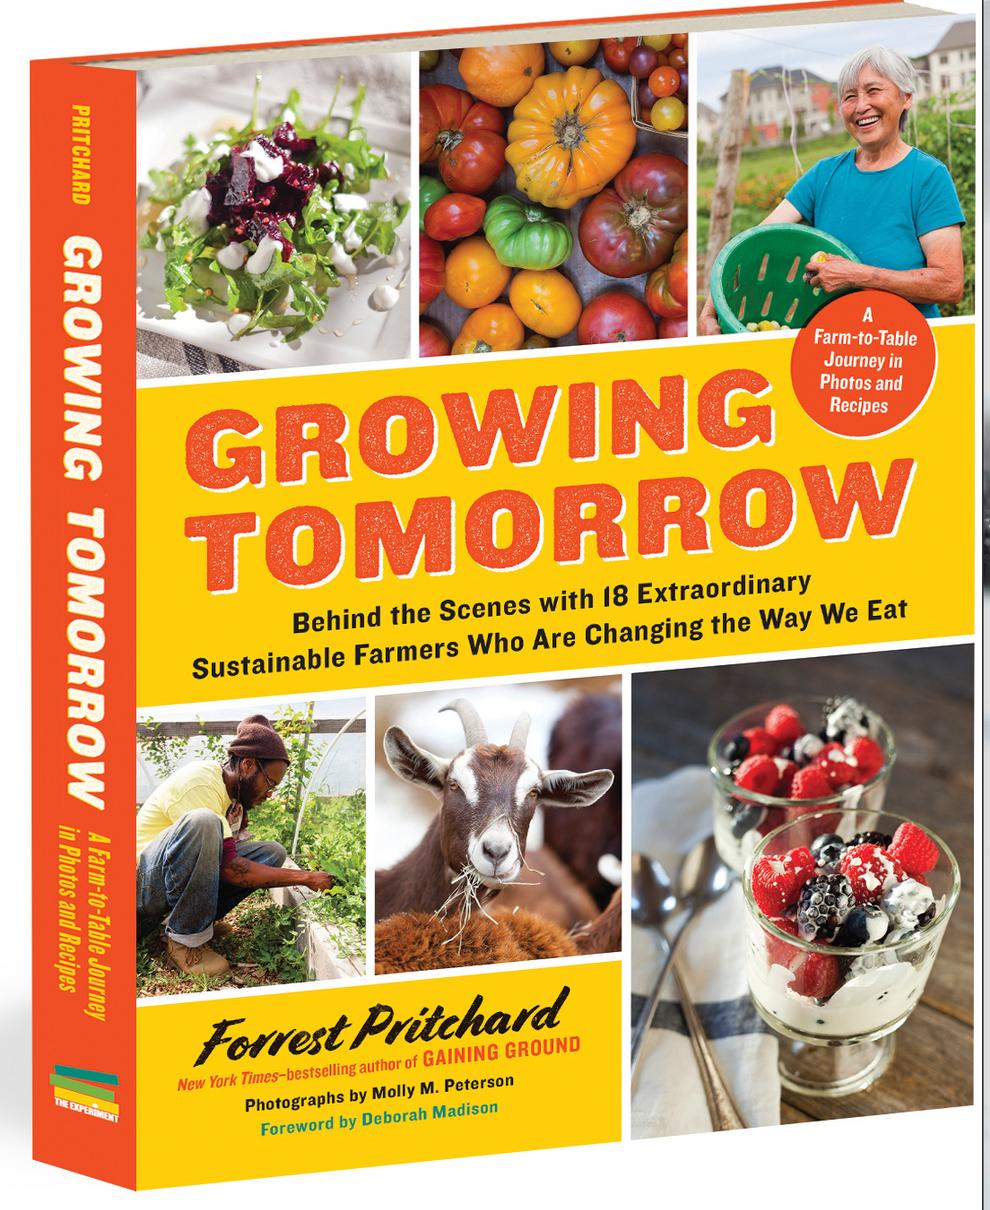 GrowingTomorrow_3d.png